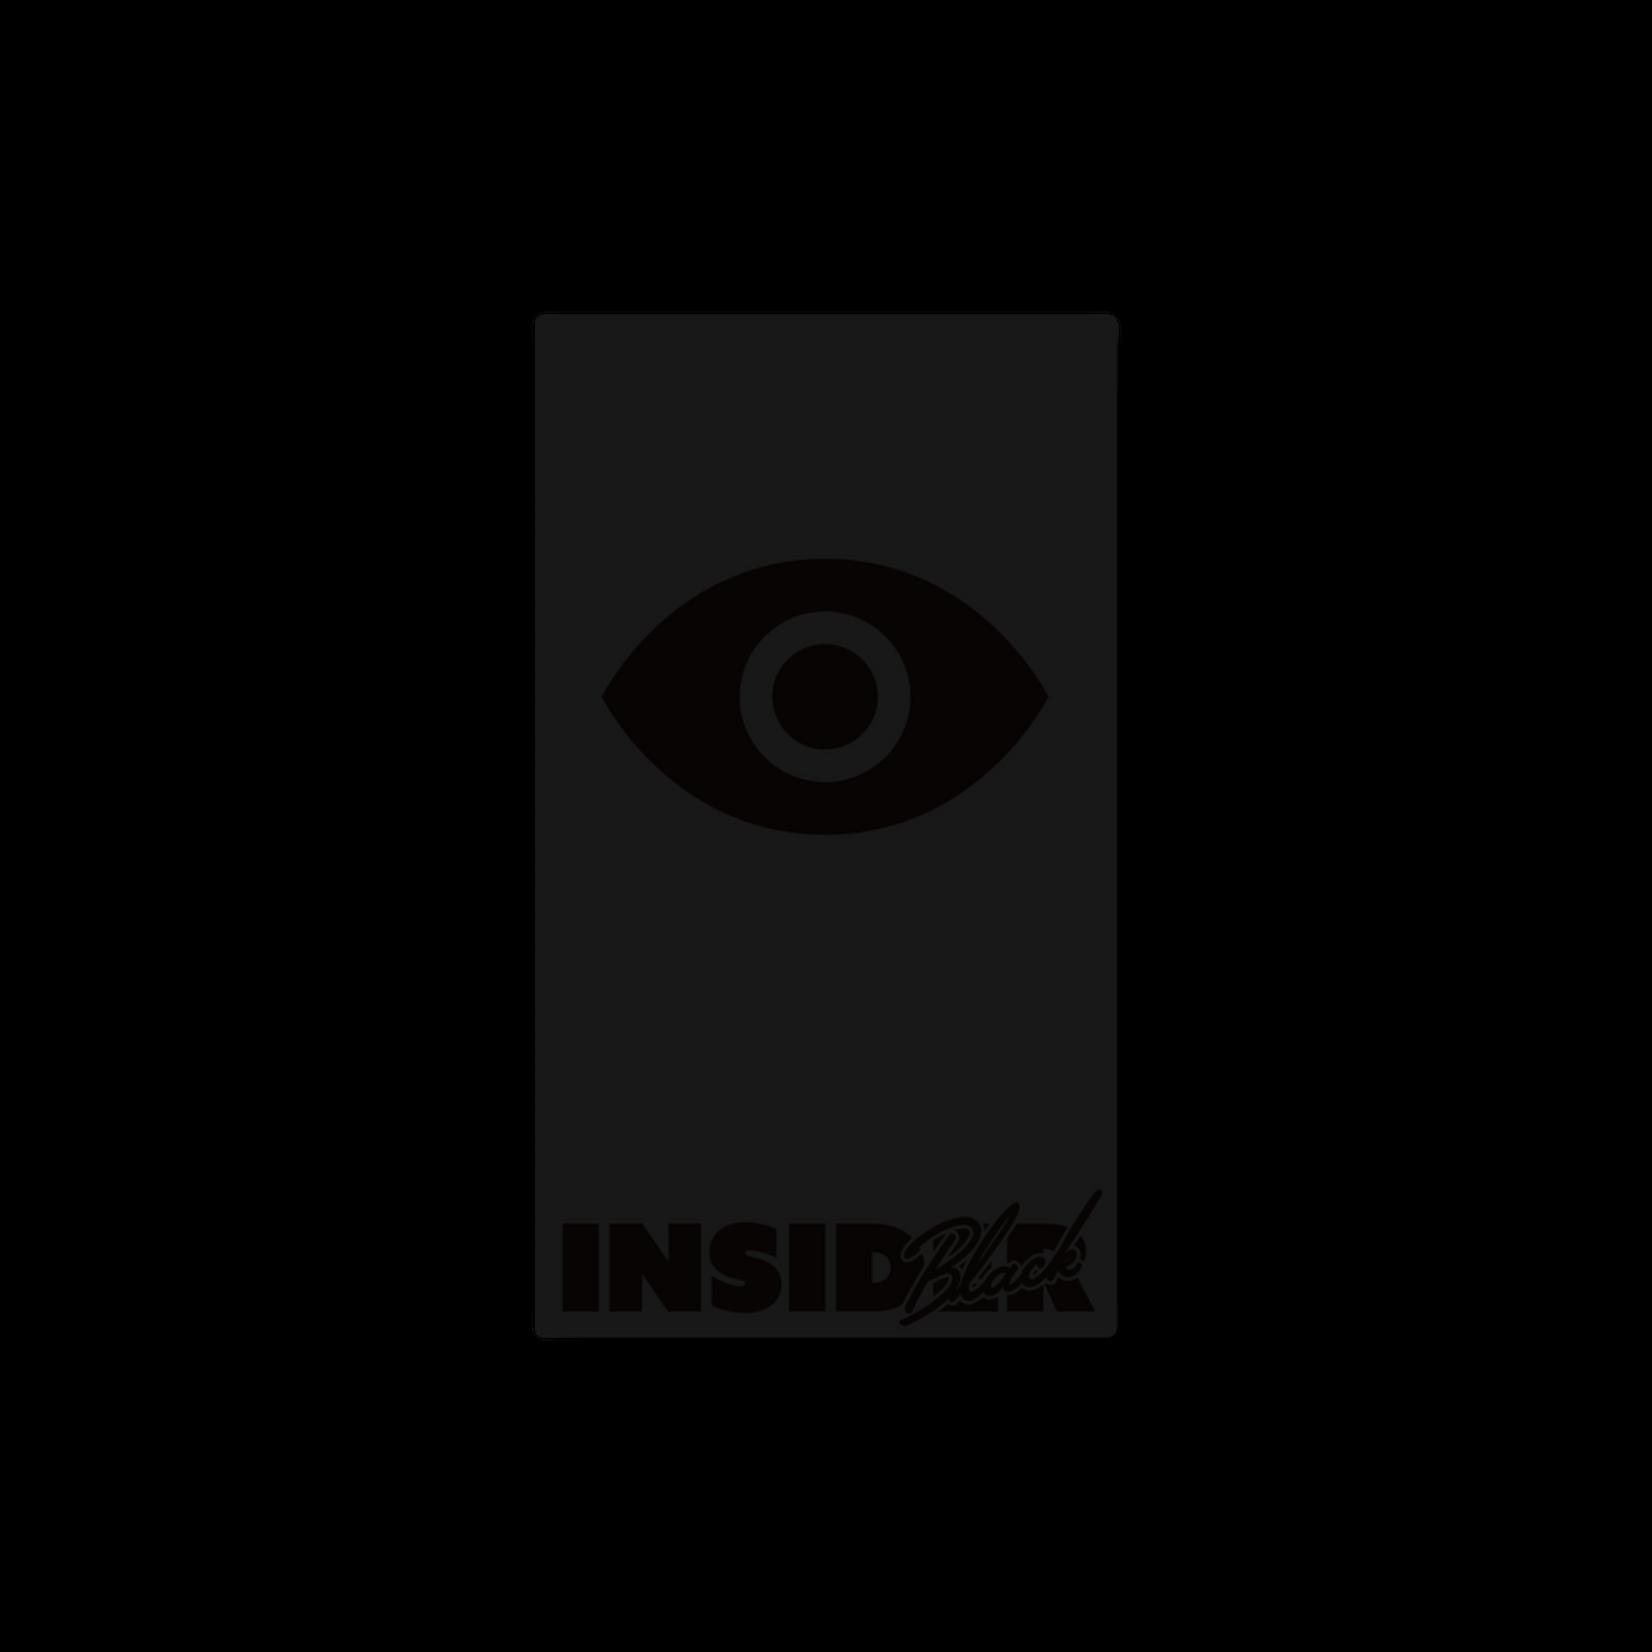 Oink Games Insider Black